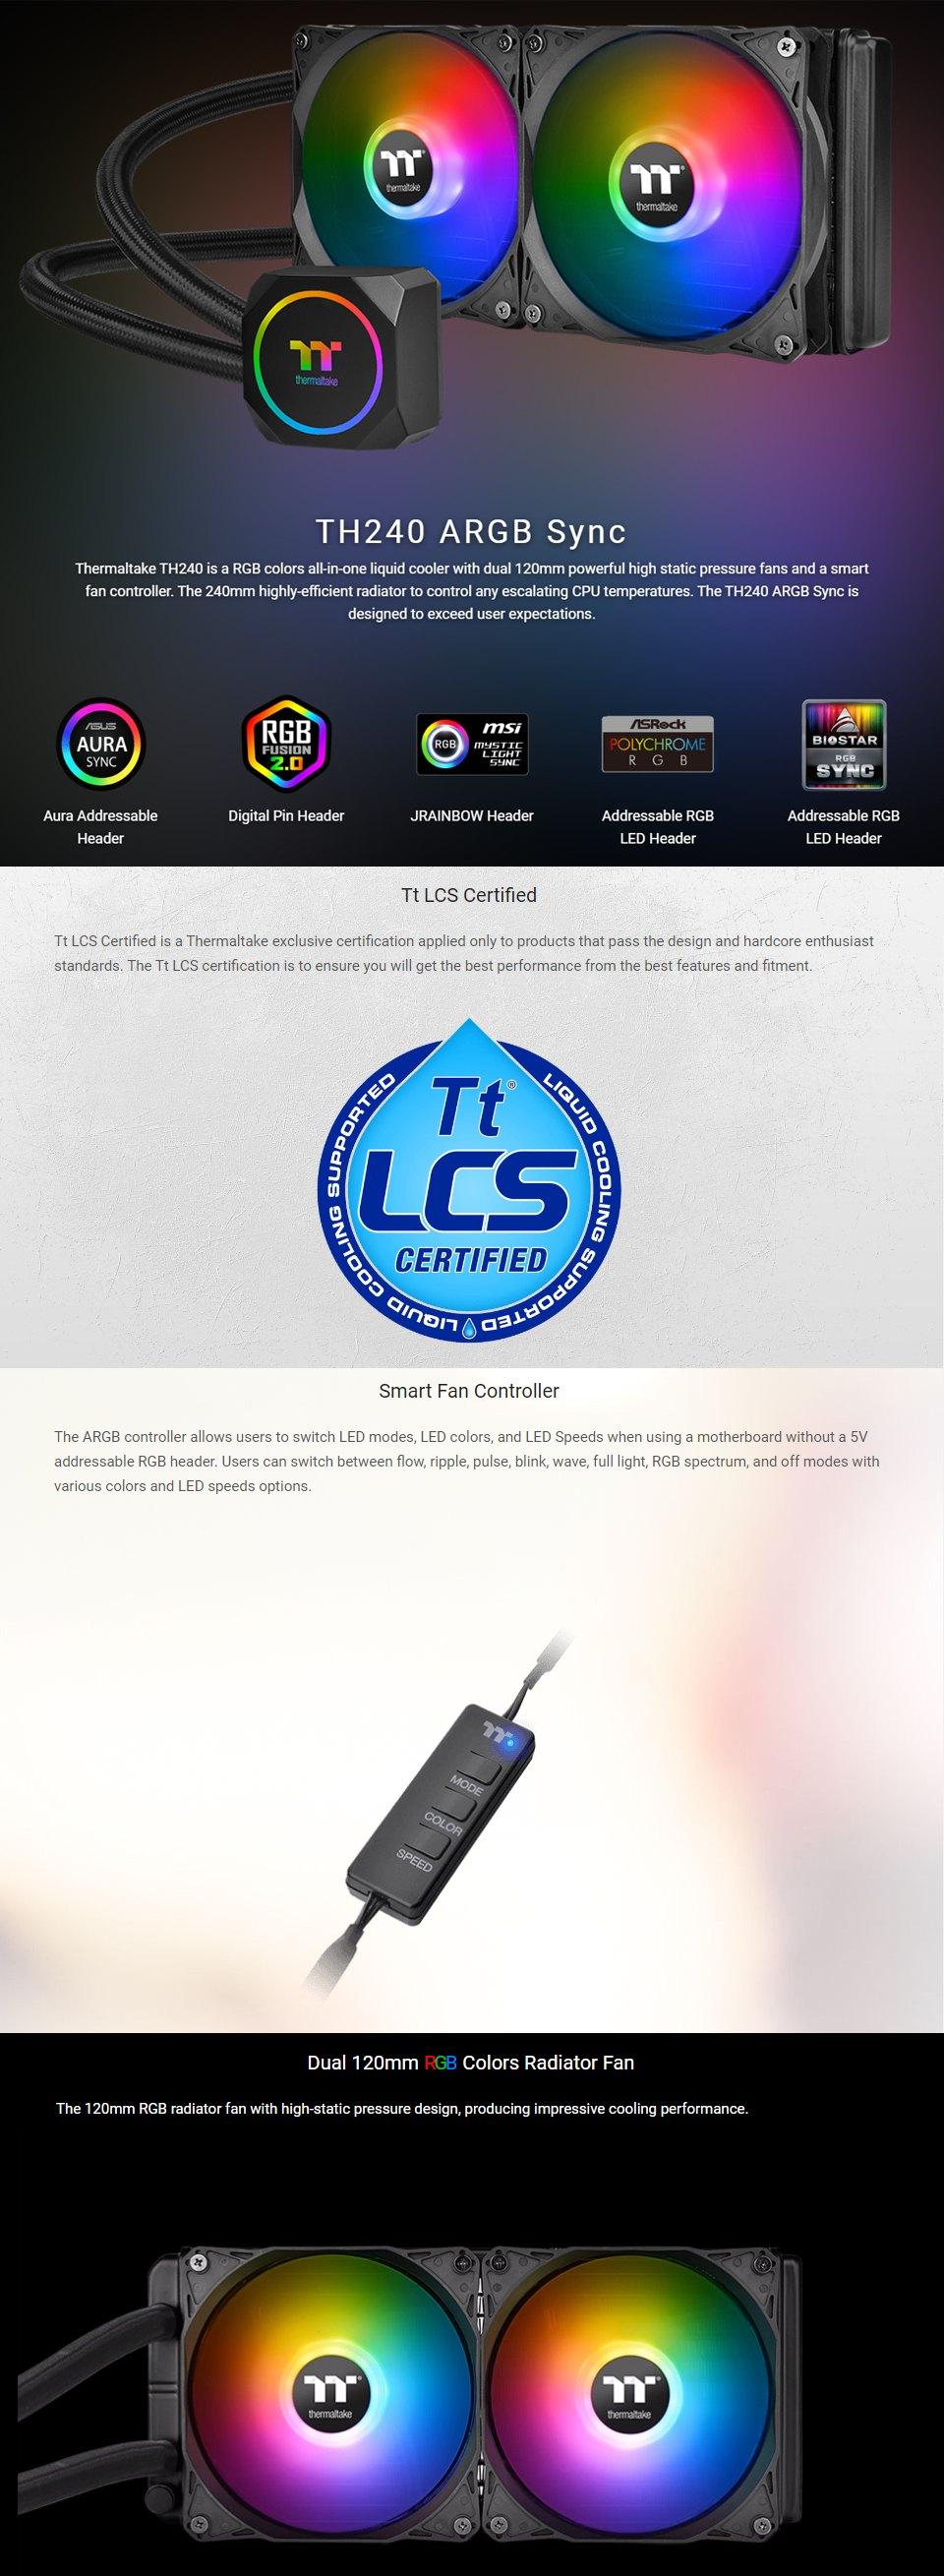 Thermaltake TH240 ARGB 240mm AIO Liquid CPU Cooler features